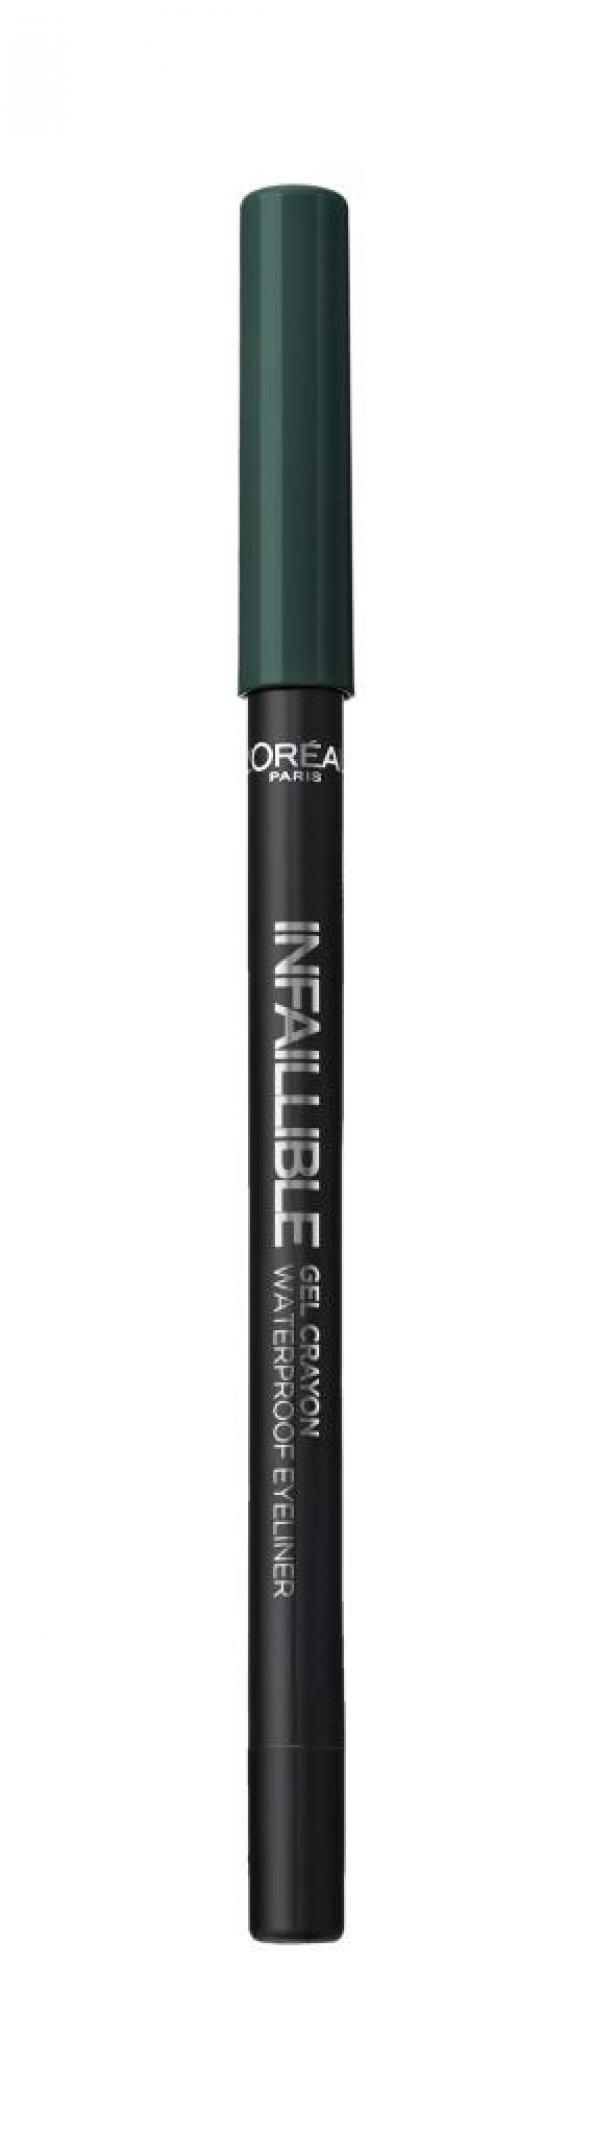 Loreal Paris Waterproof Crayon Eyeliner 17 Christmas